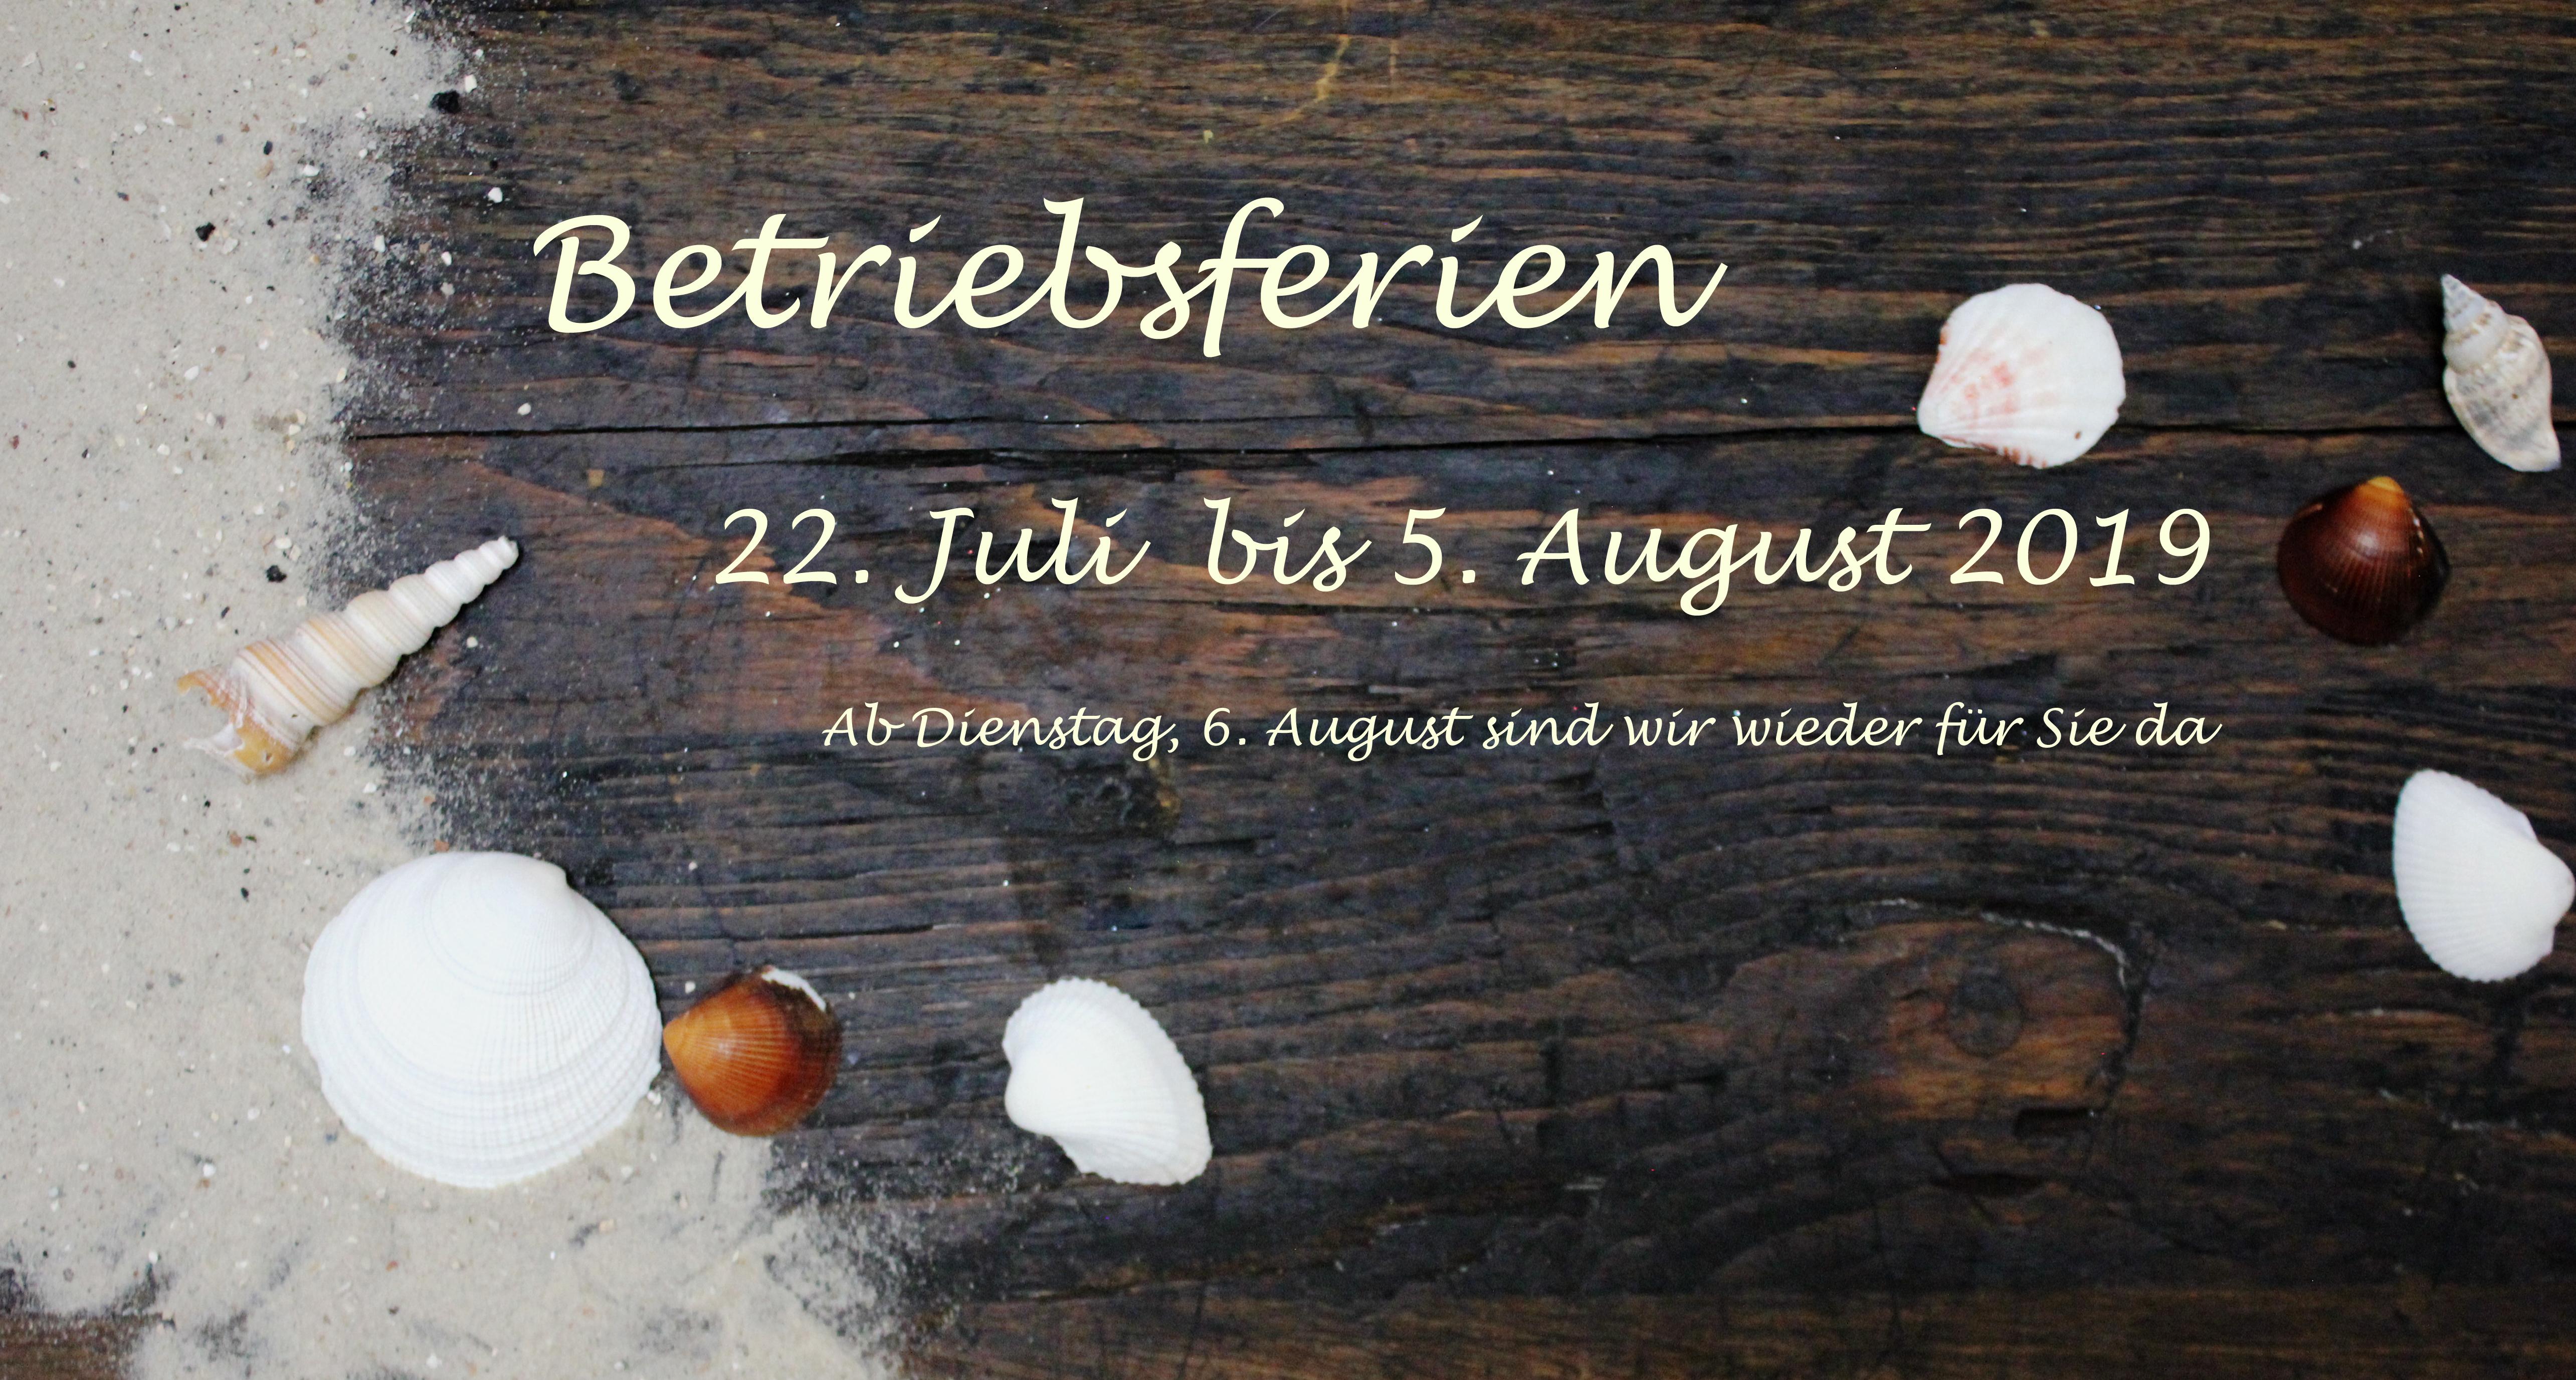 Baeckerei_Buergin_Betriebsferien_Sommer_2019